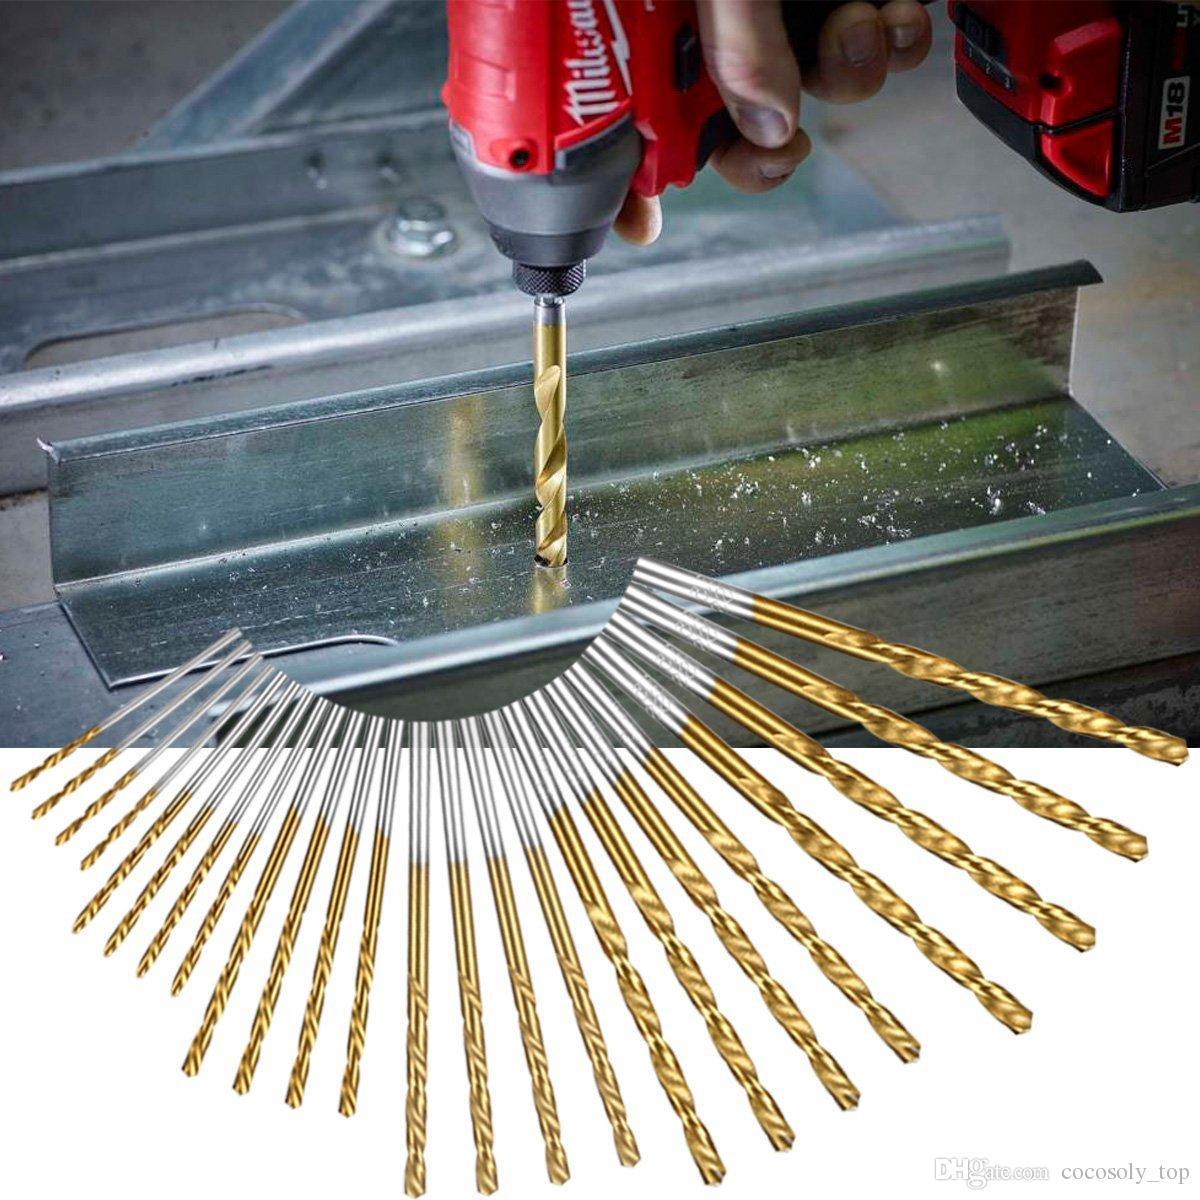 60 adet / takım 1mm-3.5mm Titanyum Kaplı Yüksek Hızlı Çelik Matkap Ucu Manuel Büküm Matkap Uçları Düz Şaft Matkap Tamir Parçaları Aracı